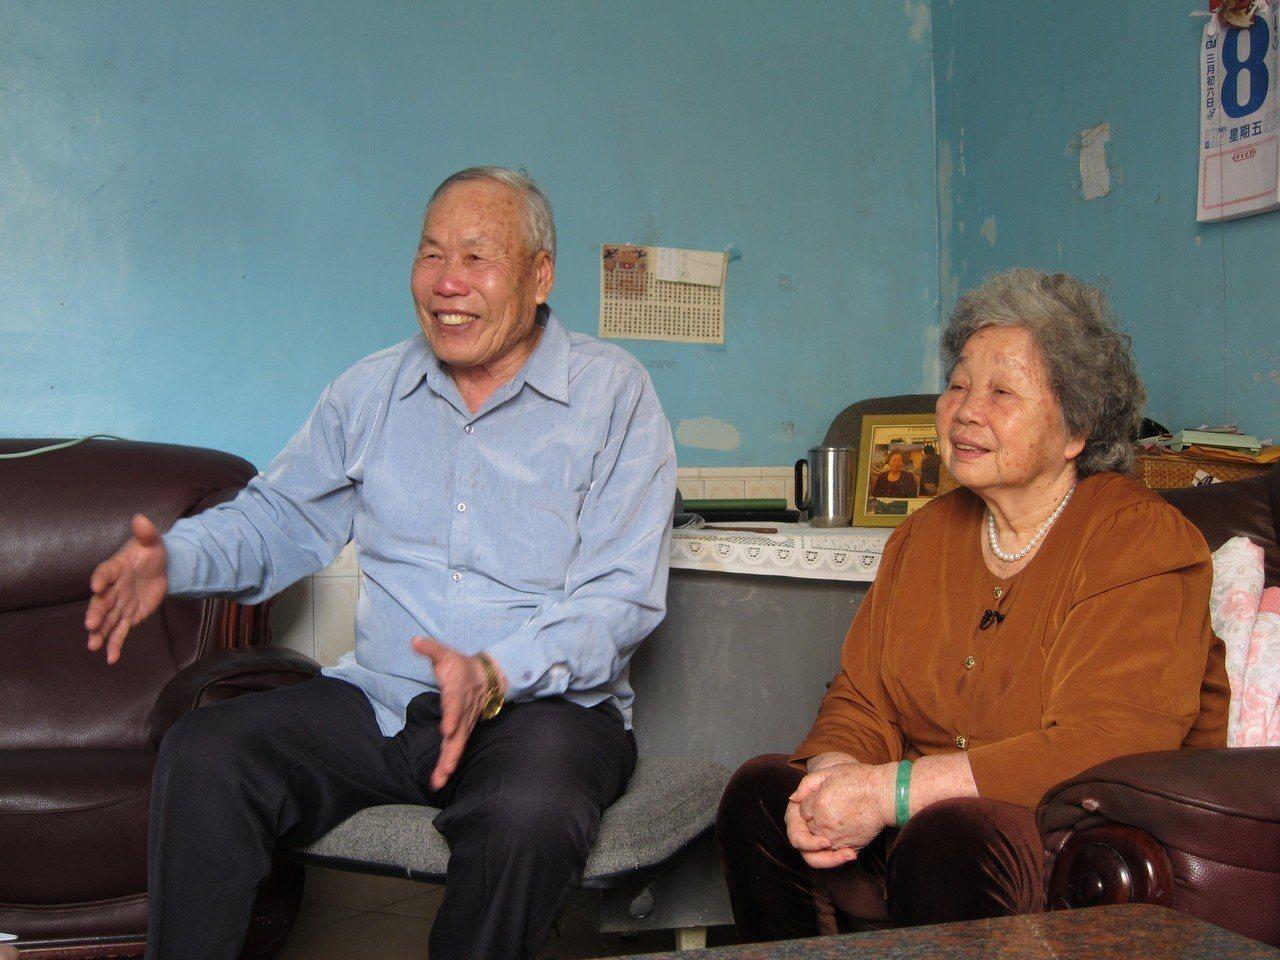 來自澎湖的涂楊鐉夫婦聊起當年以高粱煮稀飯的故事。